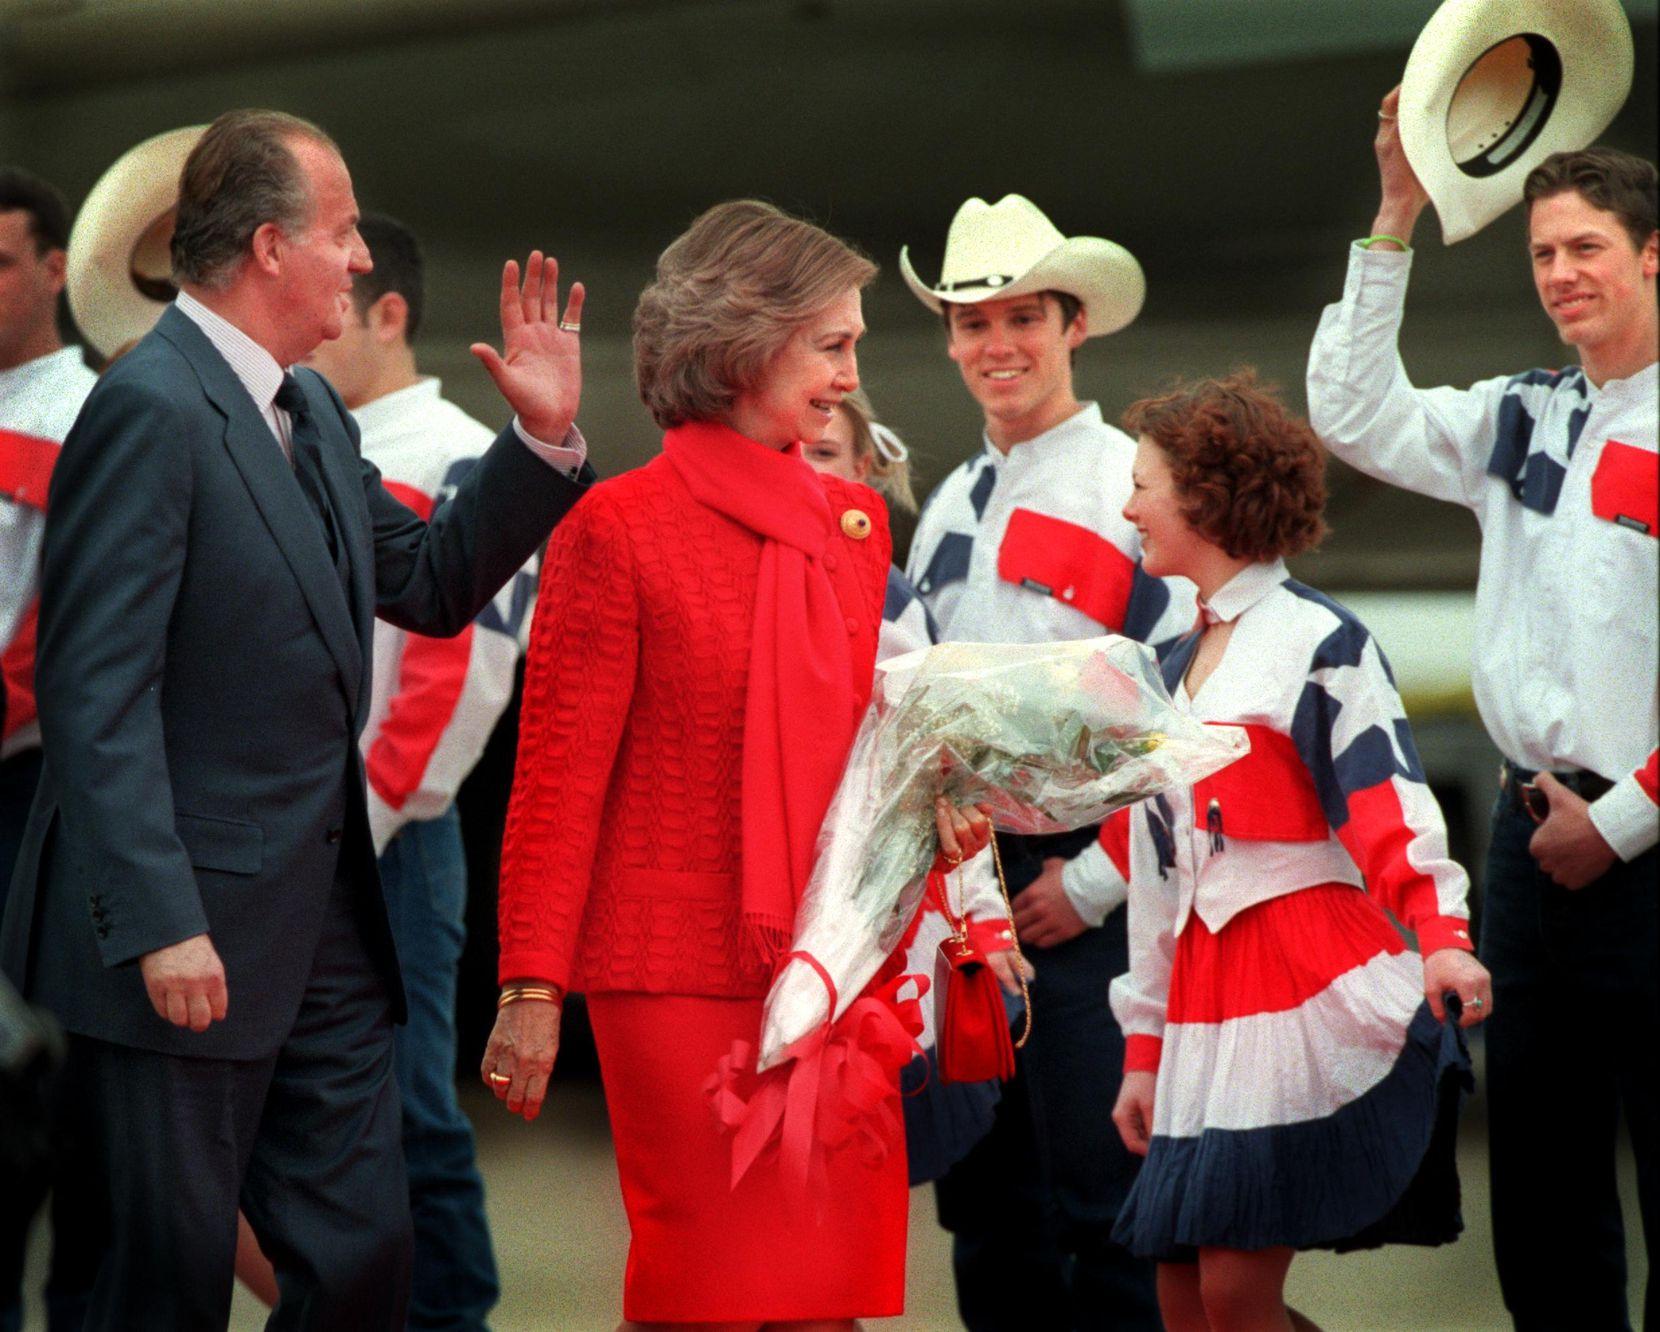 El rey de España Juan Carlos I y la reina Sofía son recibidos a su llegada a Dallas, el jueves 29 de marzo de 2001, en el aeropuerto Love Field.  El punto focal de su visita a Dallas es el nuevo Museo Meadows de la Southern Methodist University, que alberga una de las mayores colecciones de arte español fuera de su país.